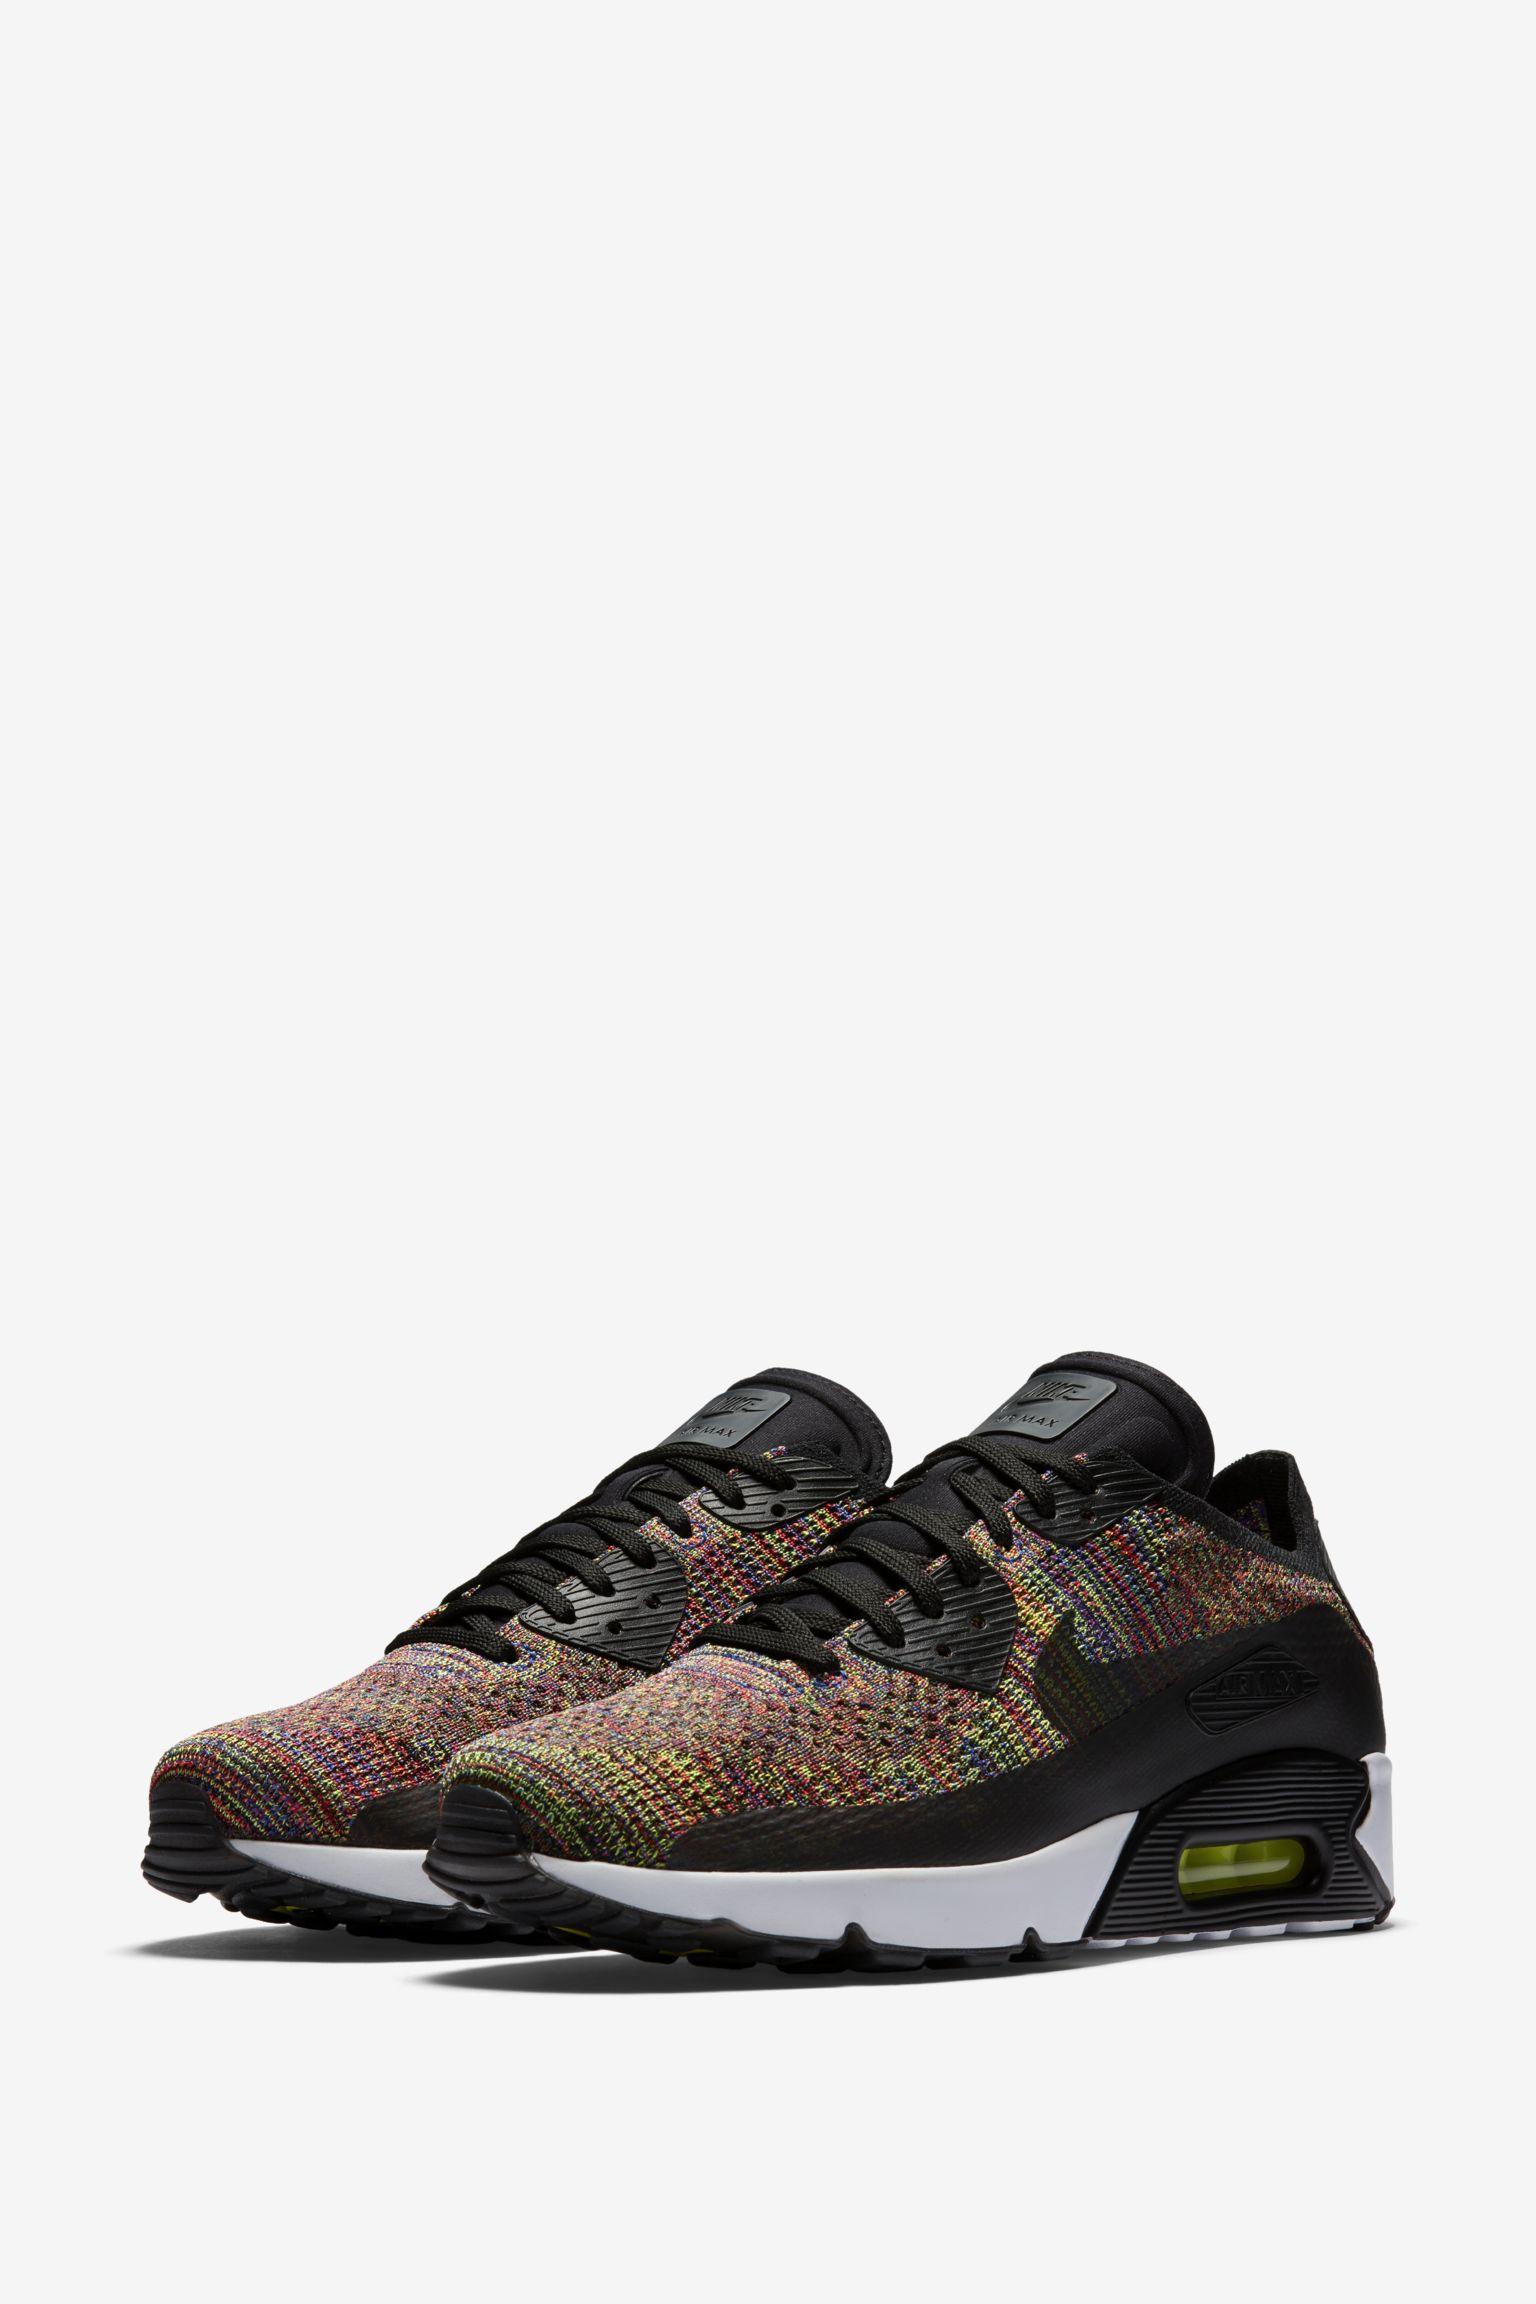 a6772ae0a8fa6 Max Acquista Nike Air Case E Multicolor Flyknit Off Qualsiasi 2 lOkTwPiuXZ